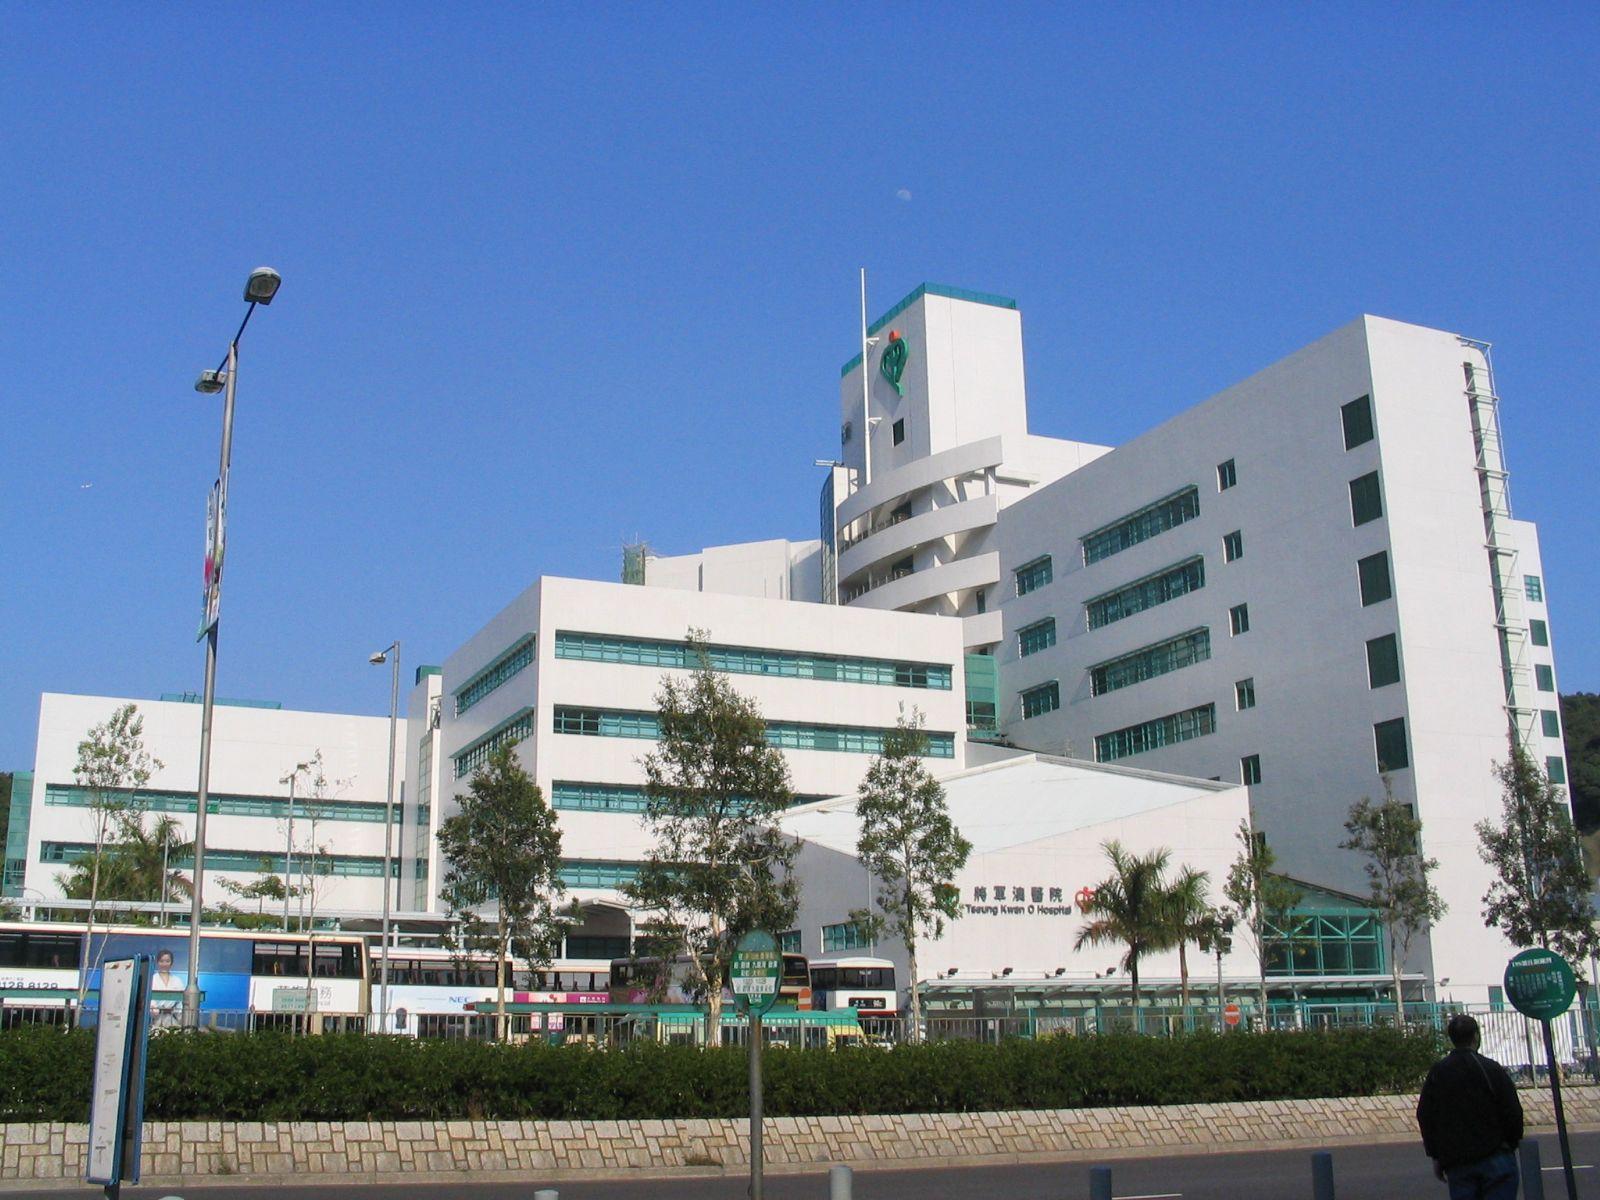 將軍澳醫院 - 維基百科,各項專科門診,並由本院駐院醫生,為你提供西貢 Sai Kung巴士,自由的百科全書